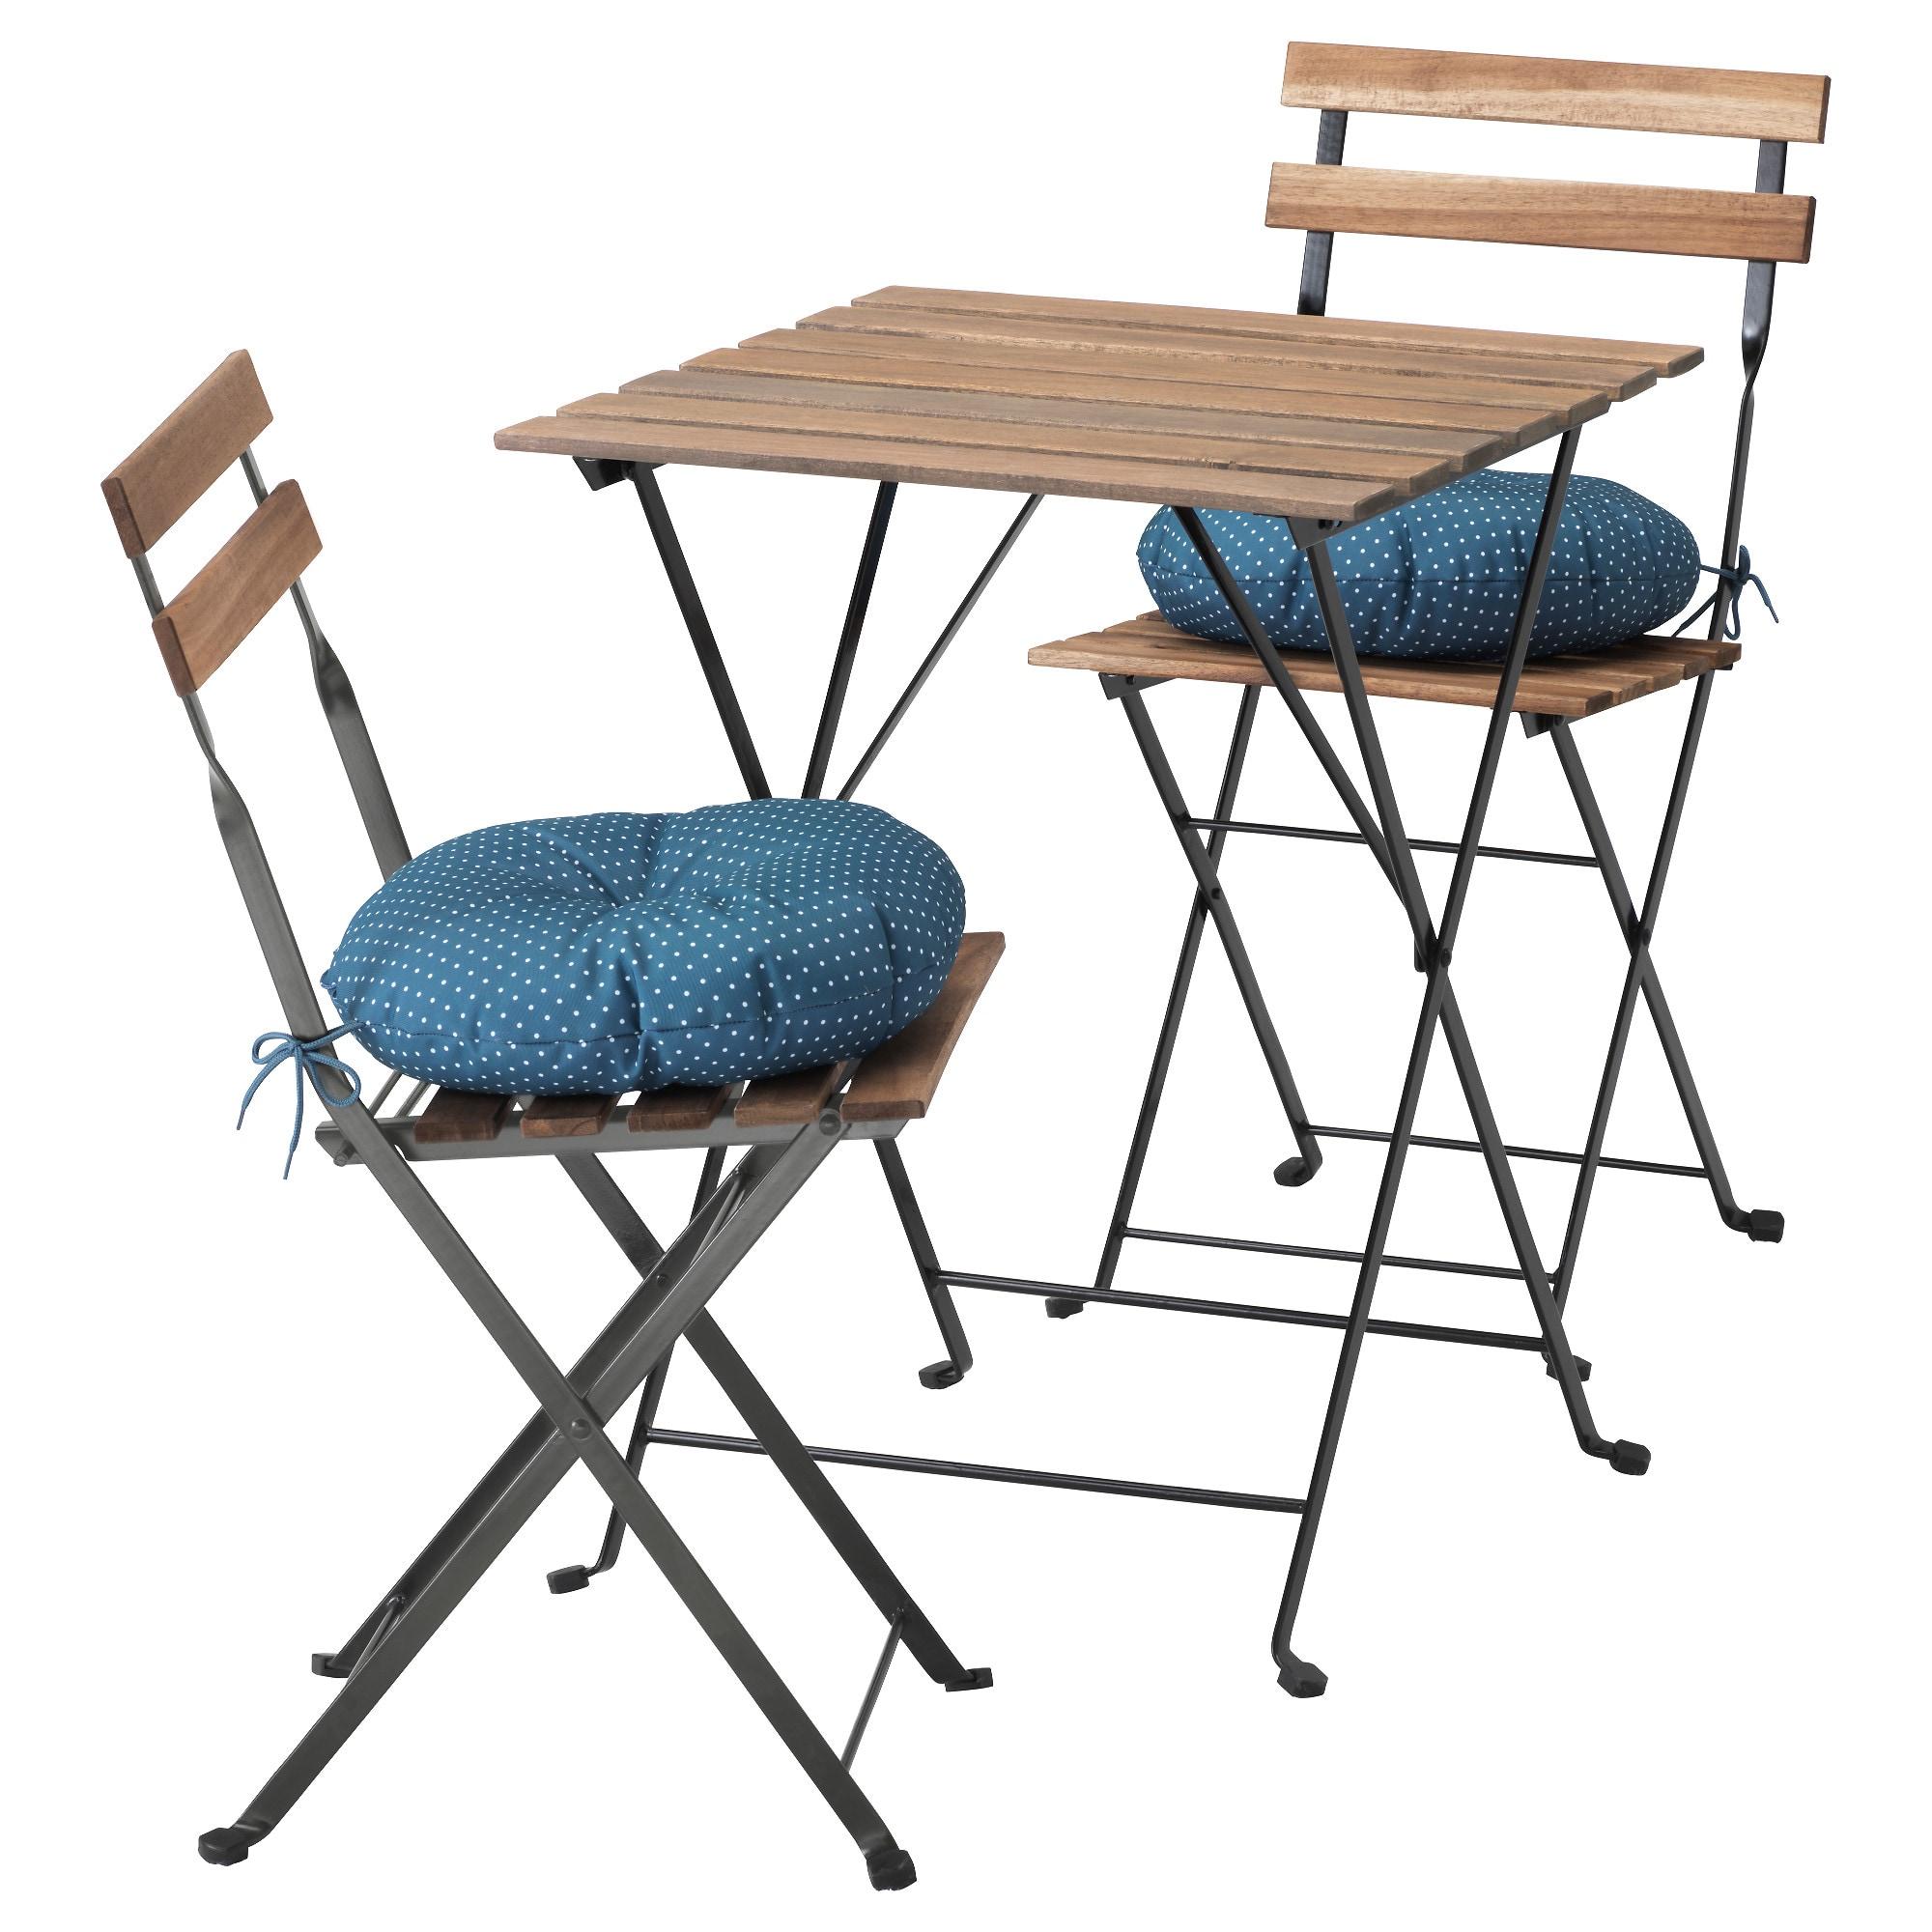 Стол + 2 стула, для сада ТЭРНО синий артикуль № 292.289.03 в наличии. Онлайн сайт ИКЕА РБ. Недорогая доставка и соборка.